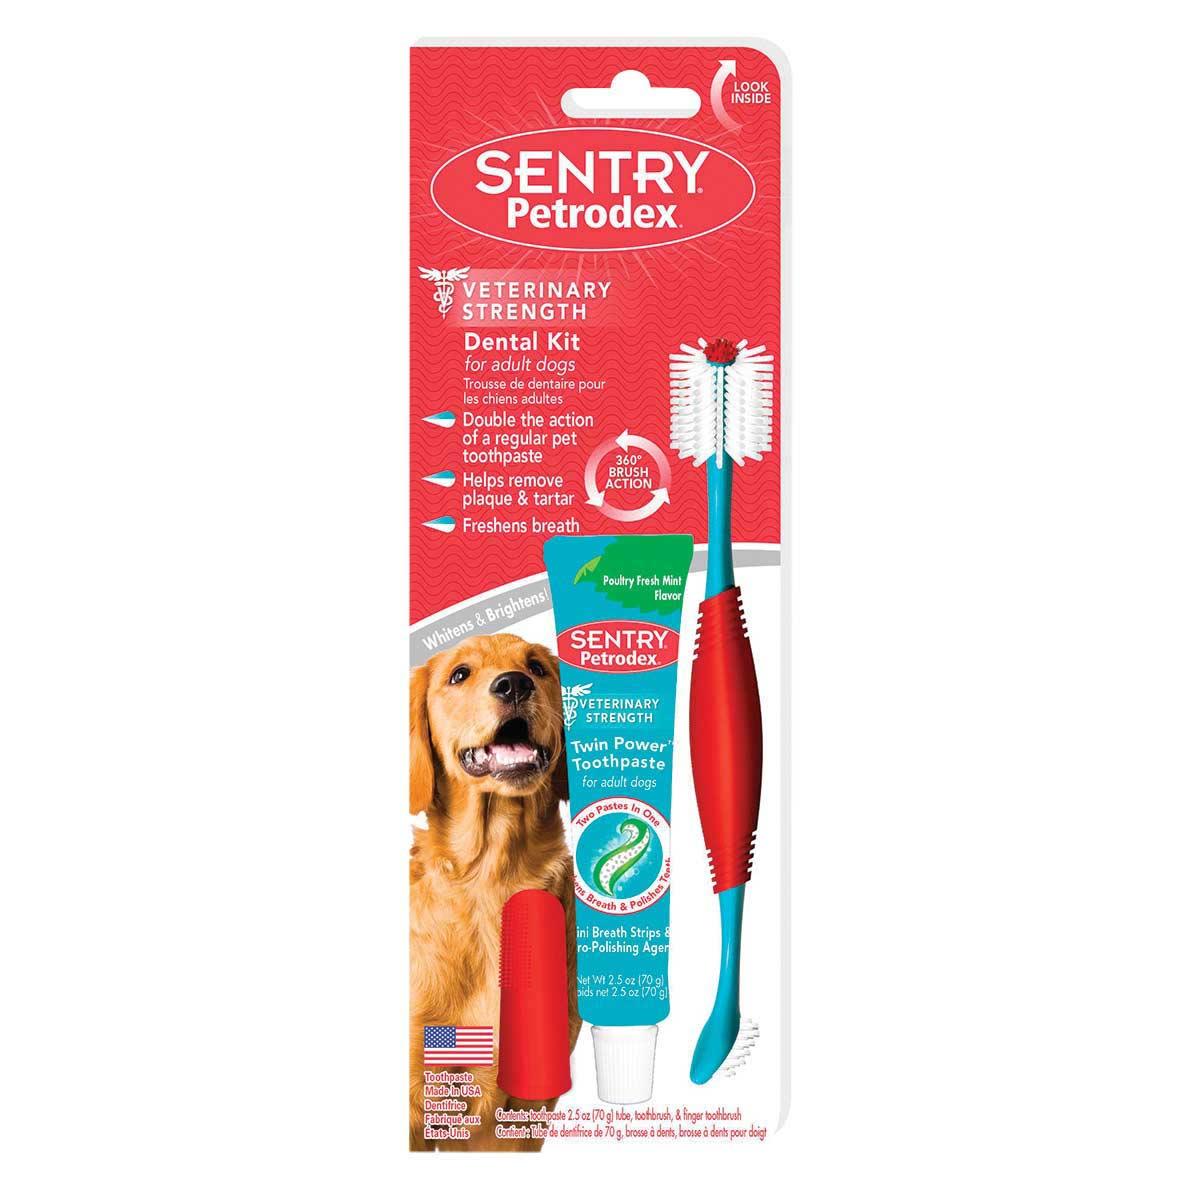 Sentry Petrodex Vet Strength Dental Adult Dental Kit for Dogs